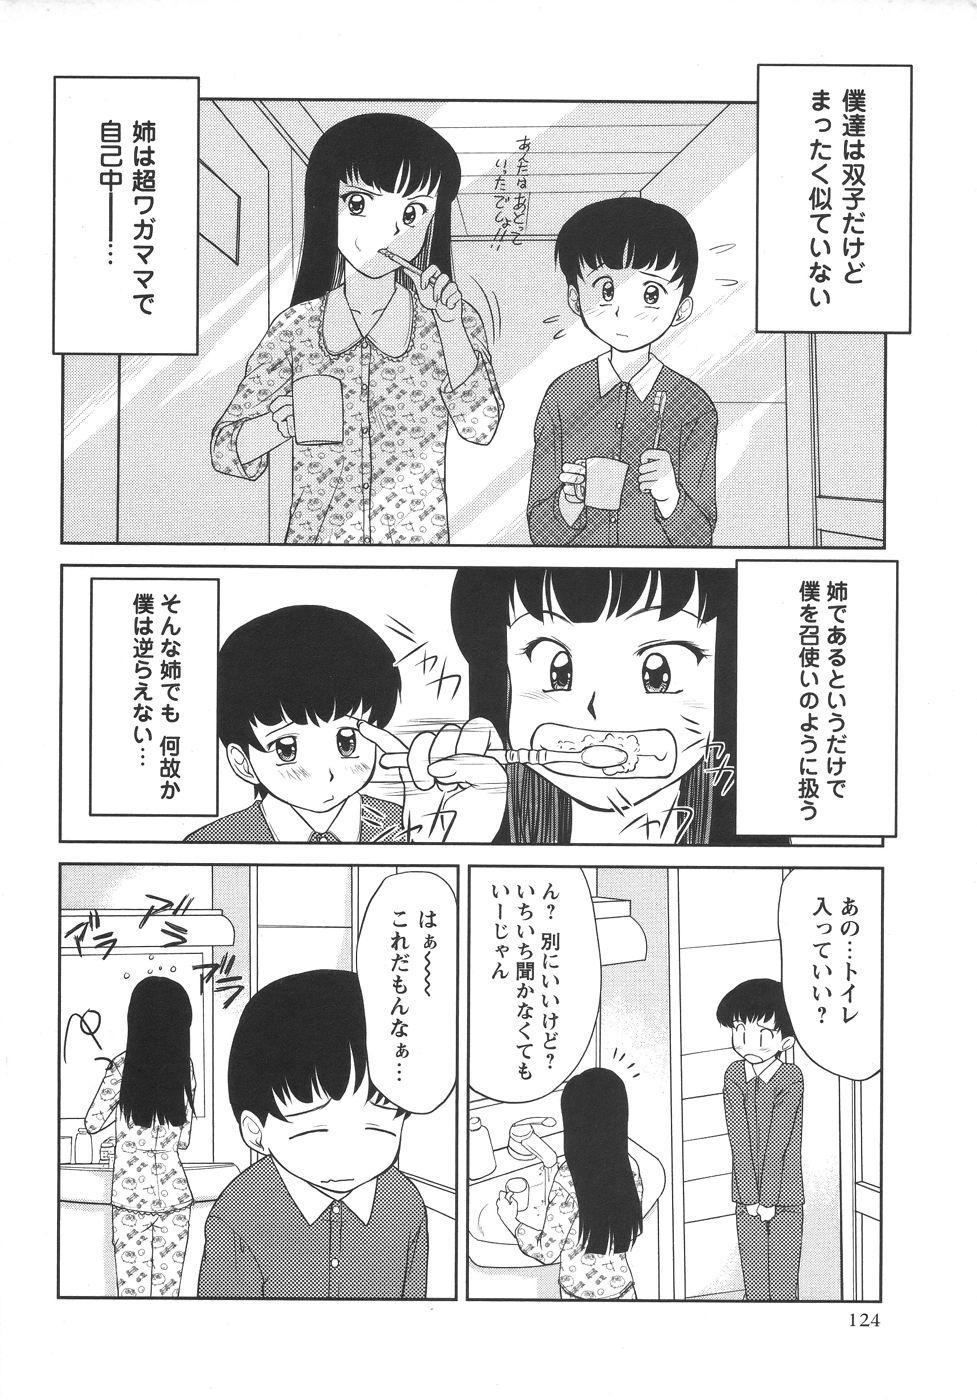 Comic Masyo 2006-06 123